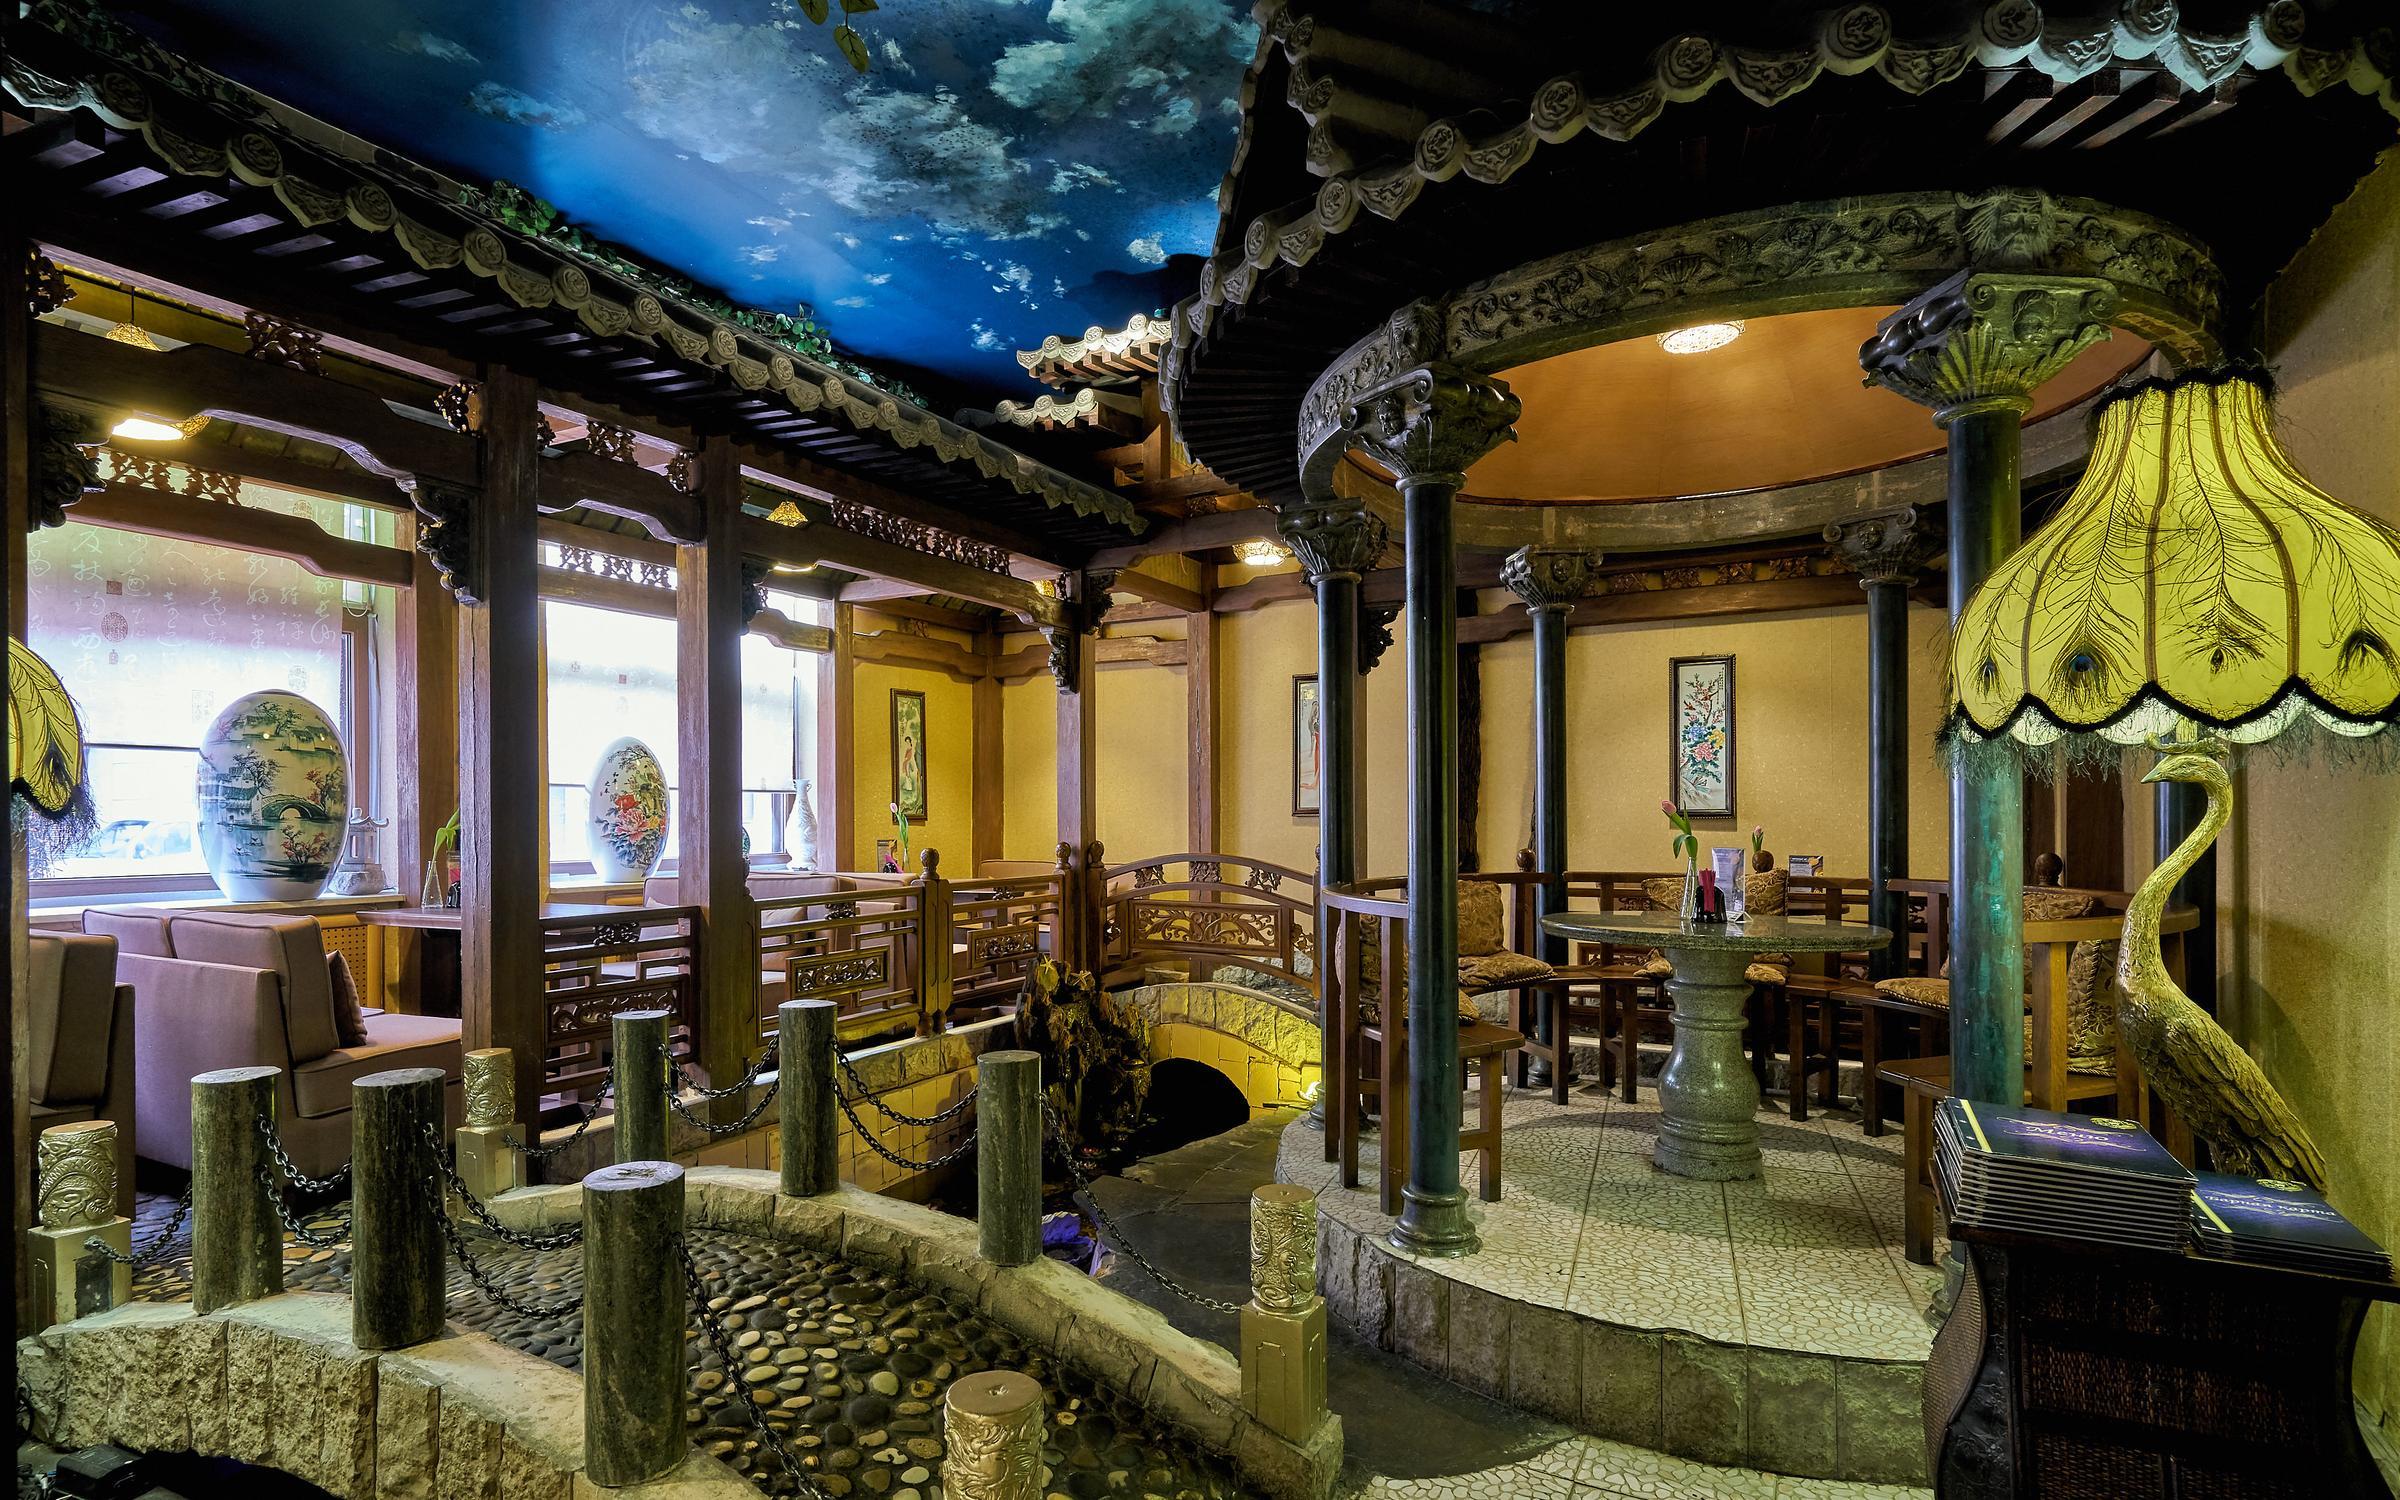 фотография Китайского ресторана Дитай на Лесном проспекте